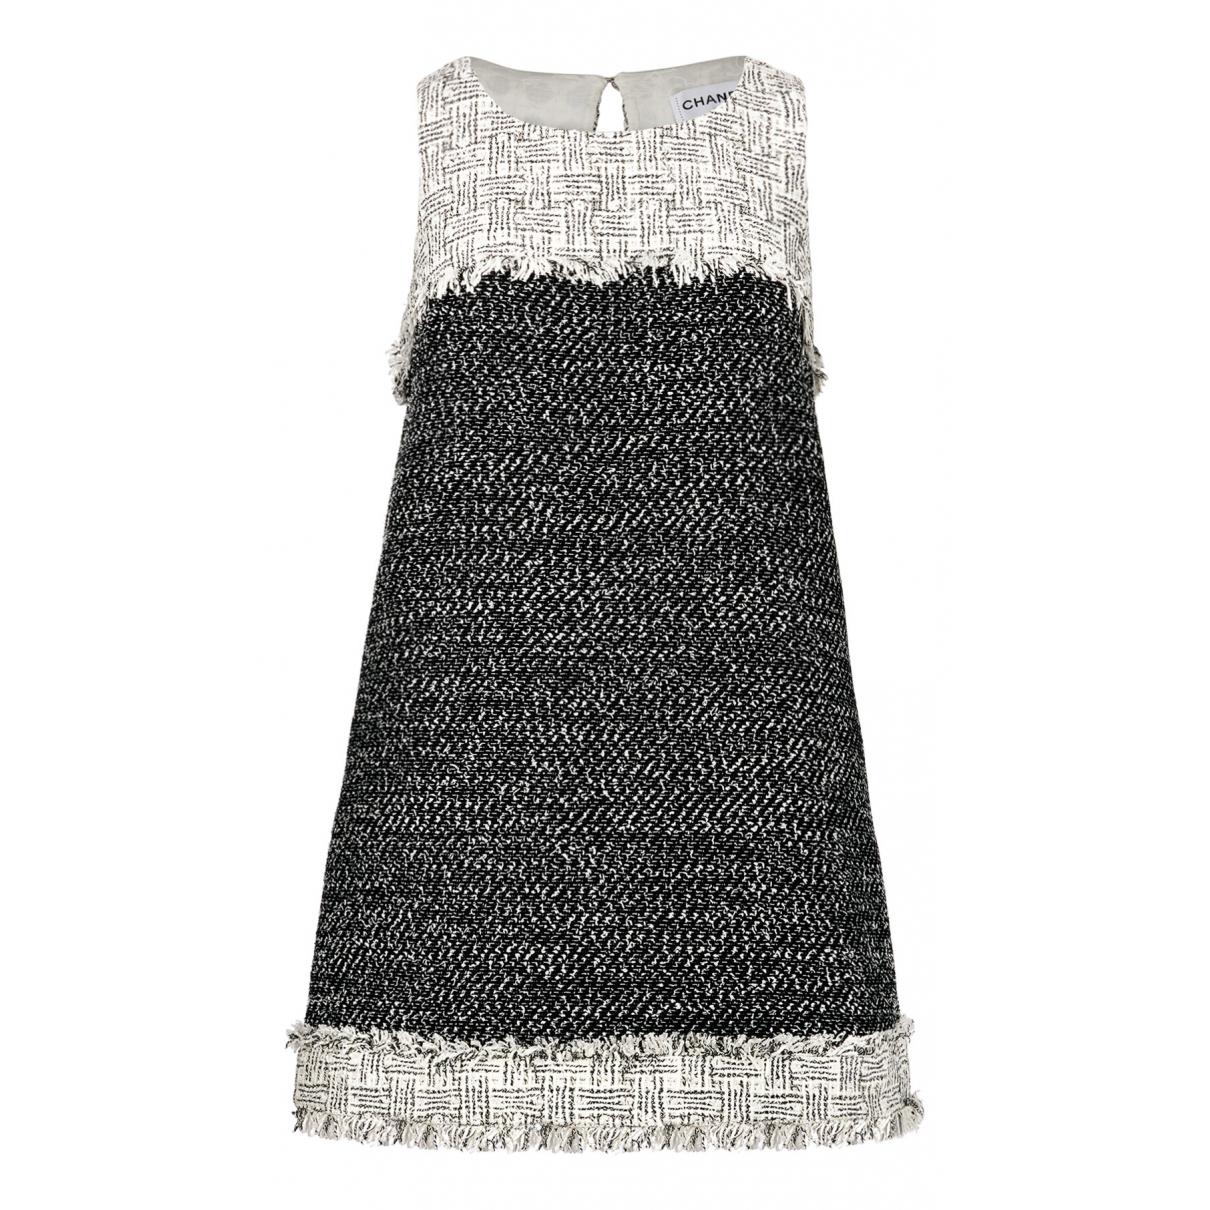 Chanel \N Kleid in  Bunt Baumwolle